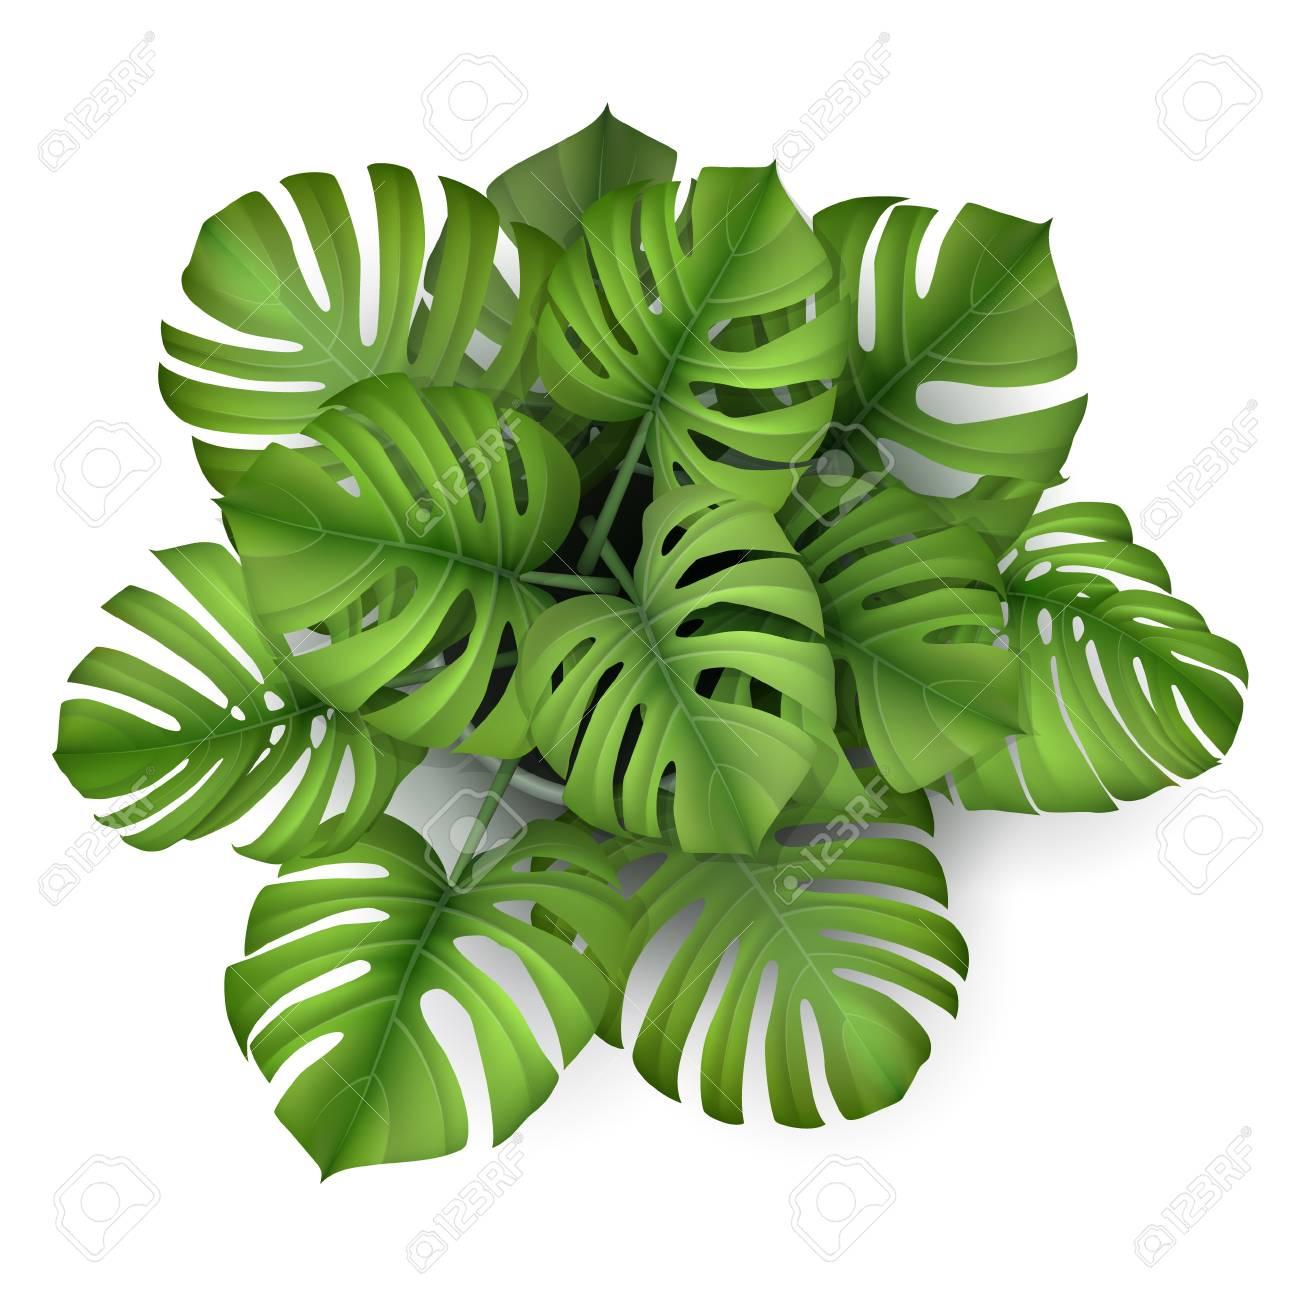 Monstera plant in a pot, top view. Houseplant for decorating.. on philodendron houseplant, avocado houseplant, flacourtia indica, ficus houseplant, nephthytis houseplant, coccoloba uvifera, hovenia dulcis, dovyalis caffra, marsdenia australis, syzygium fibrosum, colocasia esculenta, pleiogynium timorense, xanthosoma sagittifolium, lemon drop mangosteen, myrica rubra, monstera epipremnoides, pothos houseplant, dieffenbachia houseplant, codiaeum variegatum, sansevieria trifasciata,